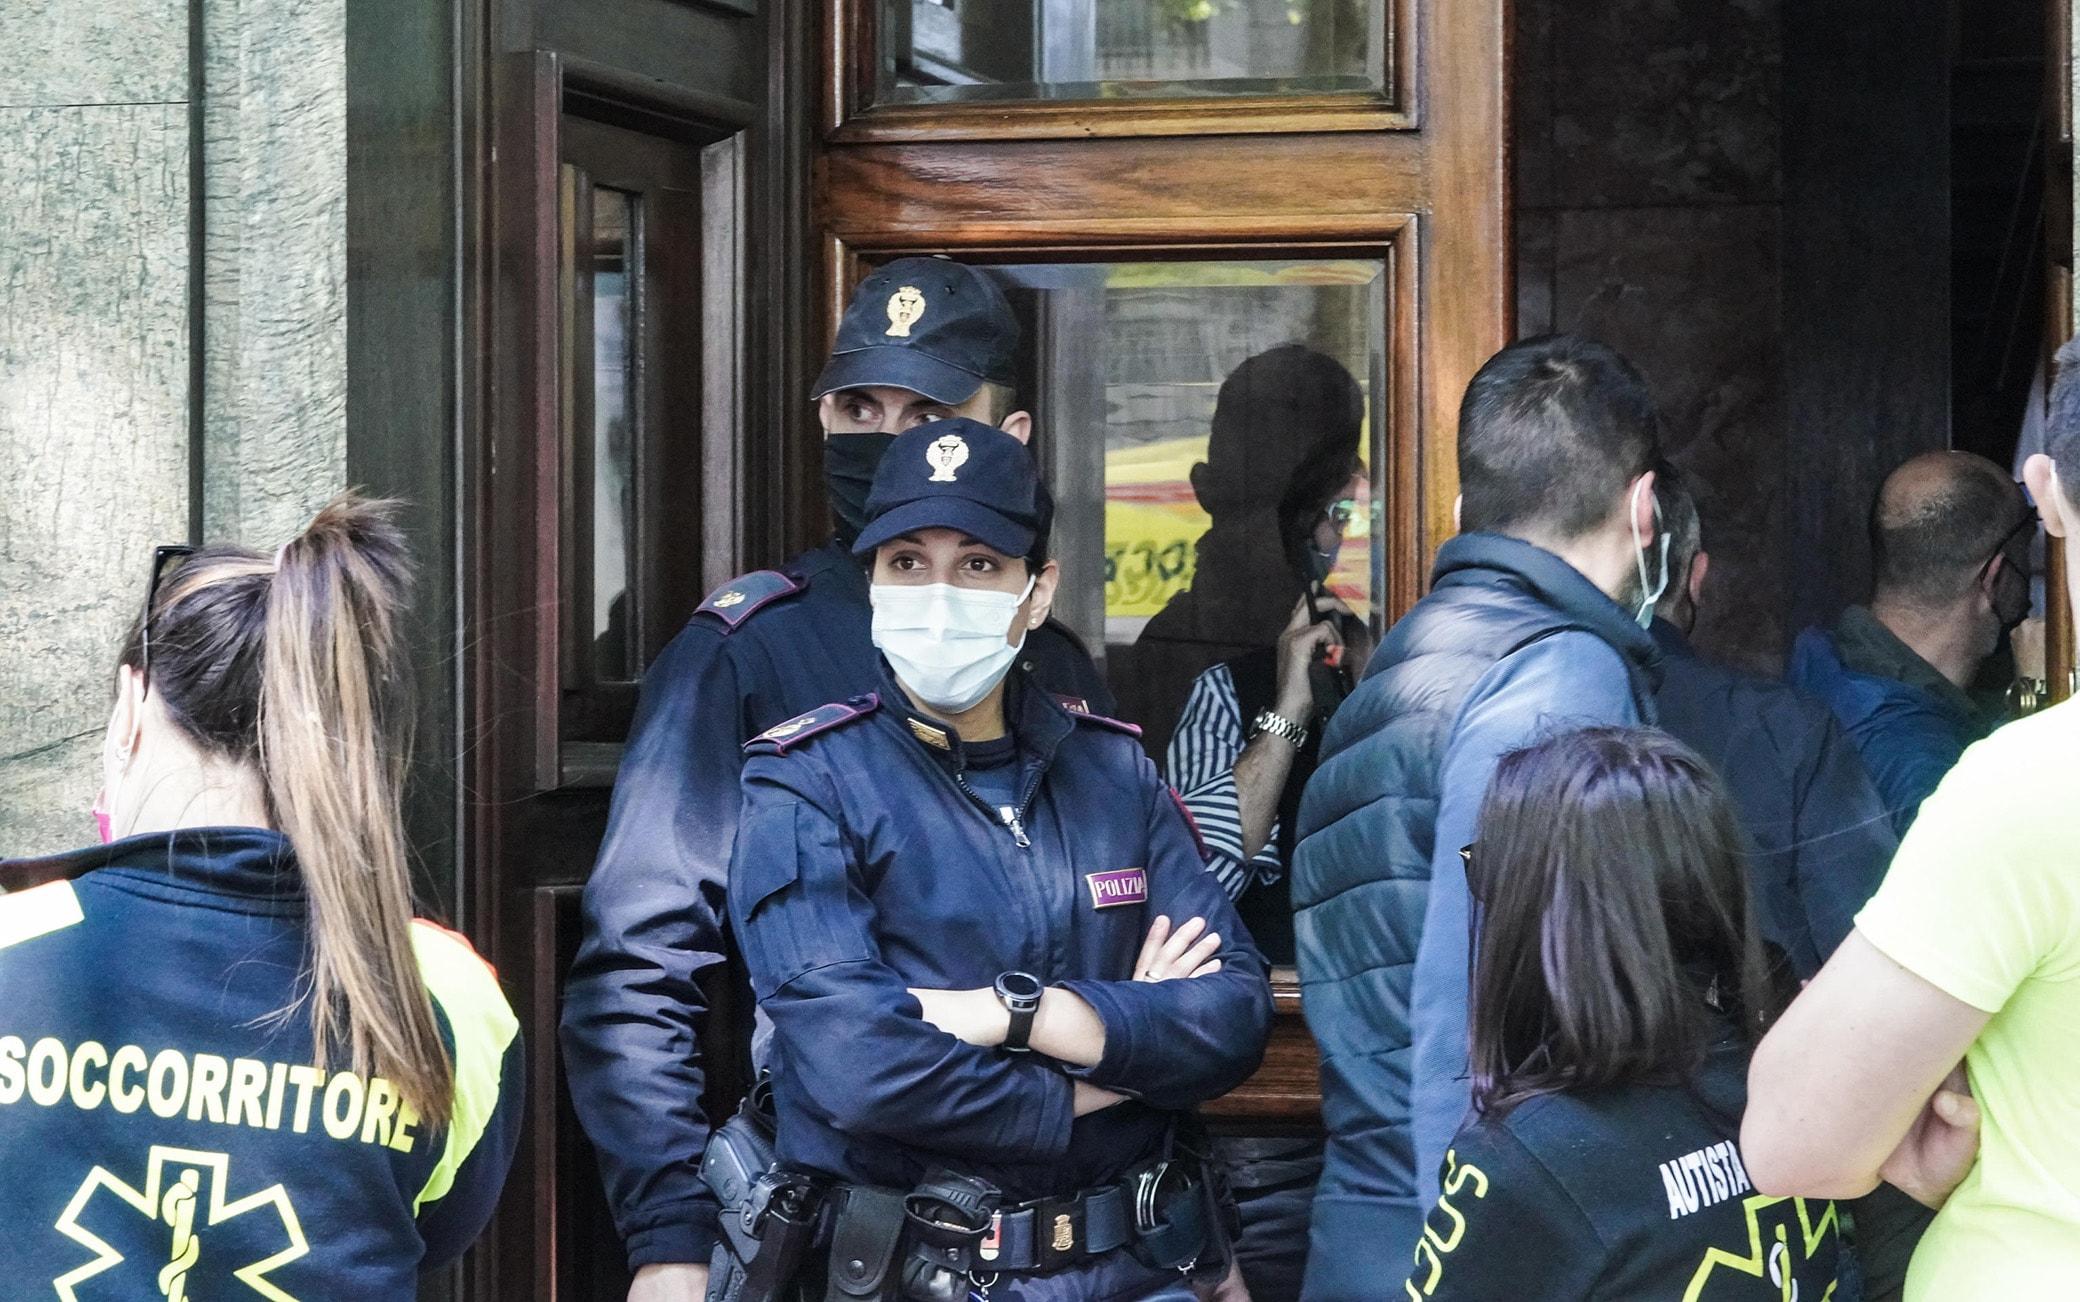 Una veduta esterna del palazzo dove un uomo, una guardia giurata di 50 anni, ha ucciso la moglie sparandole alcuni colpi di pistola, a Torino, 07 maggio 2021. ANSA/TINO ROMANO